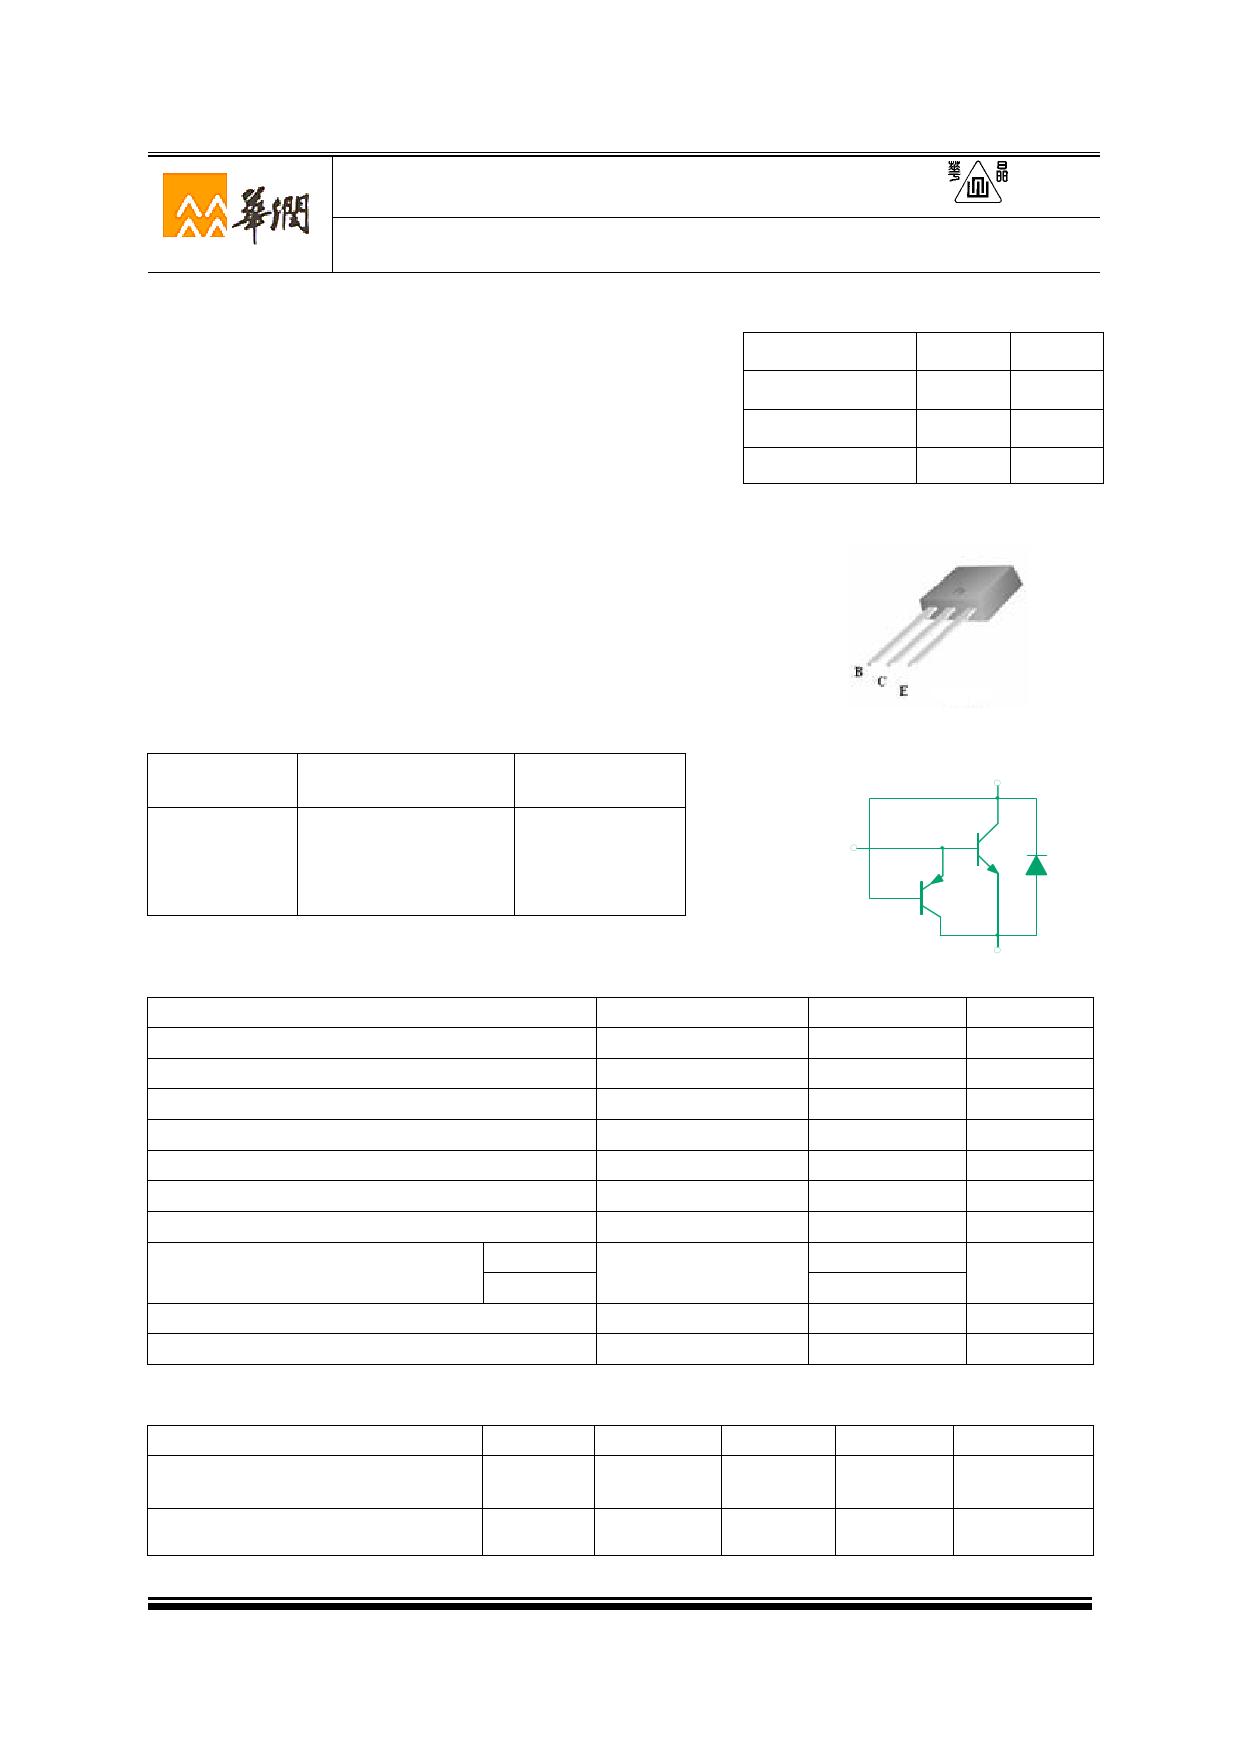 3DD13003U3D Datasheet, 3DD13003U3D PDF,ピン配置, 機能